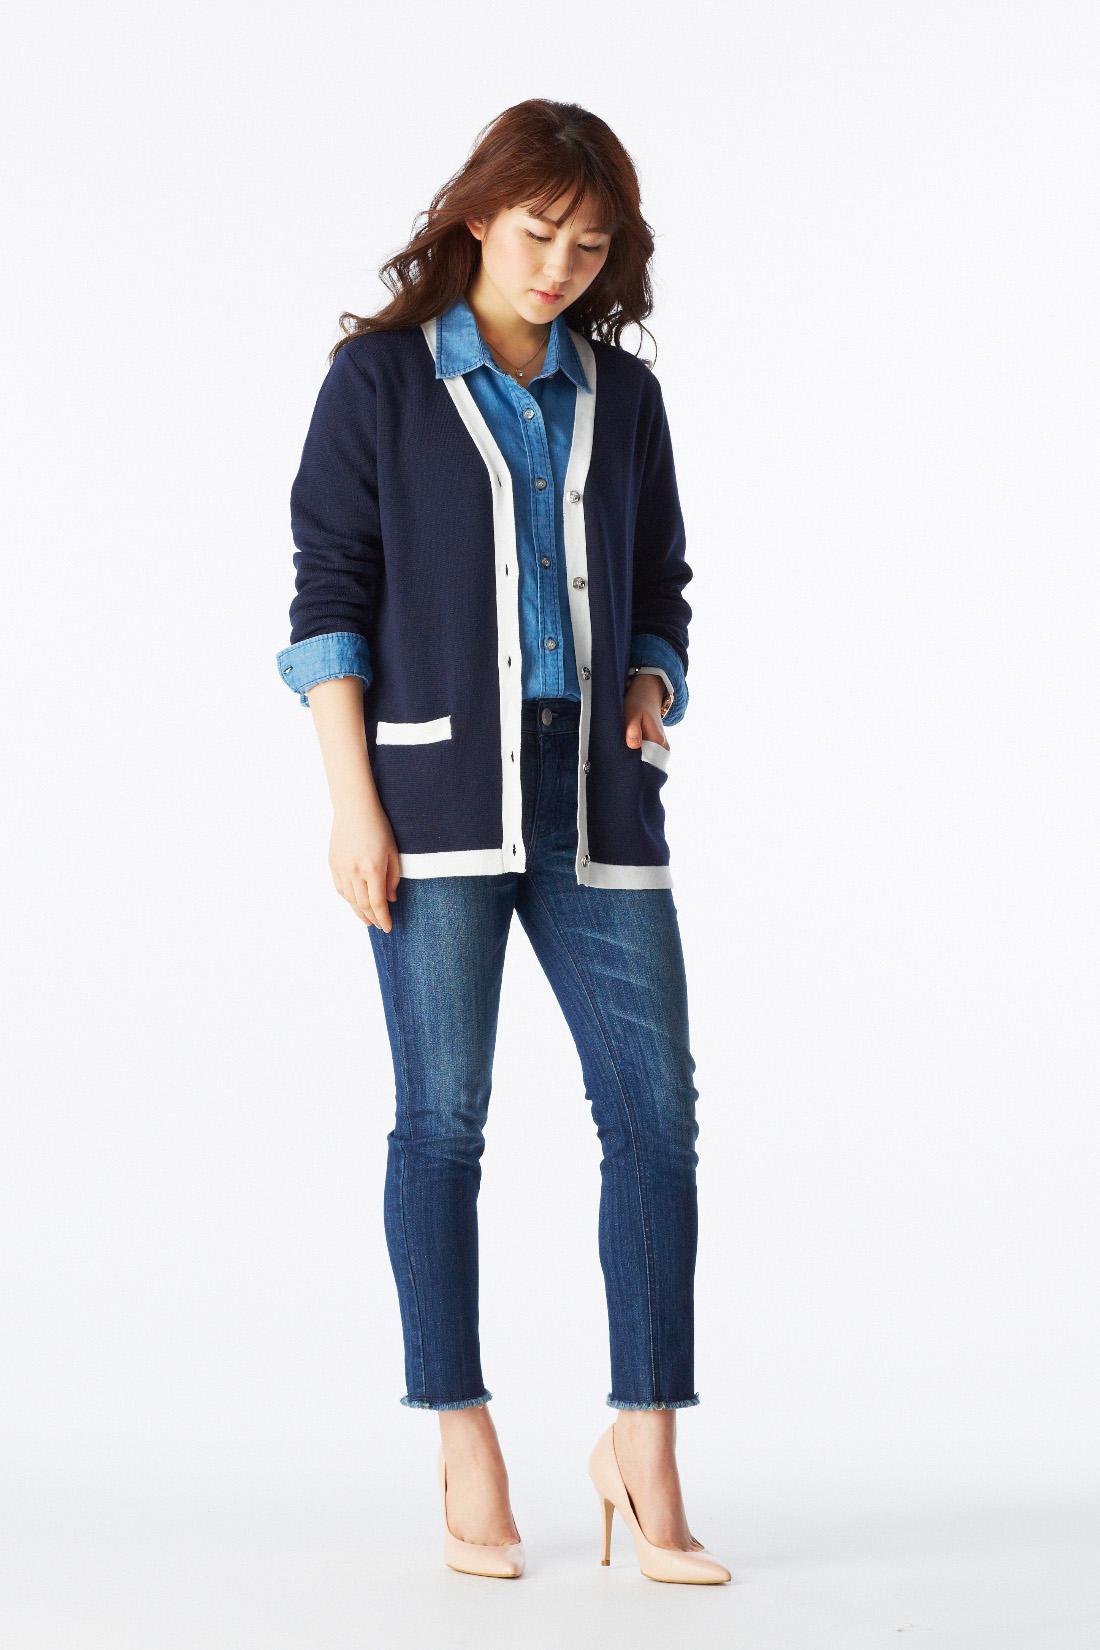 モデル身長:163cm 着用サイズ:Mジャケット並みのきちんと感が自慢のニットカーデは、上品なバイカラー遣いで新鮮に。きれいめパンツでキリリと締めつつ、足首のレースアップでほのかな甘さをプラスするのがララ的ネオ・ベーシック。